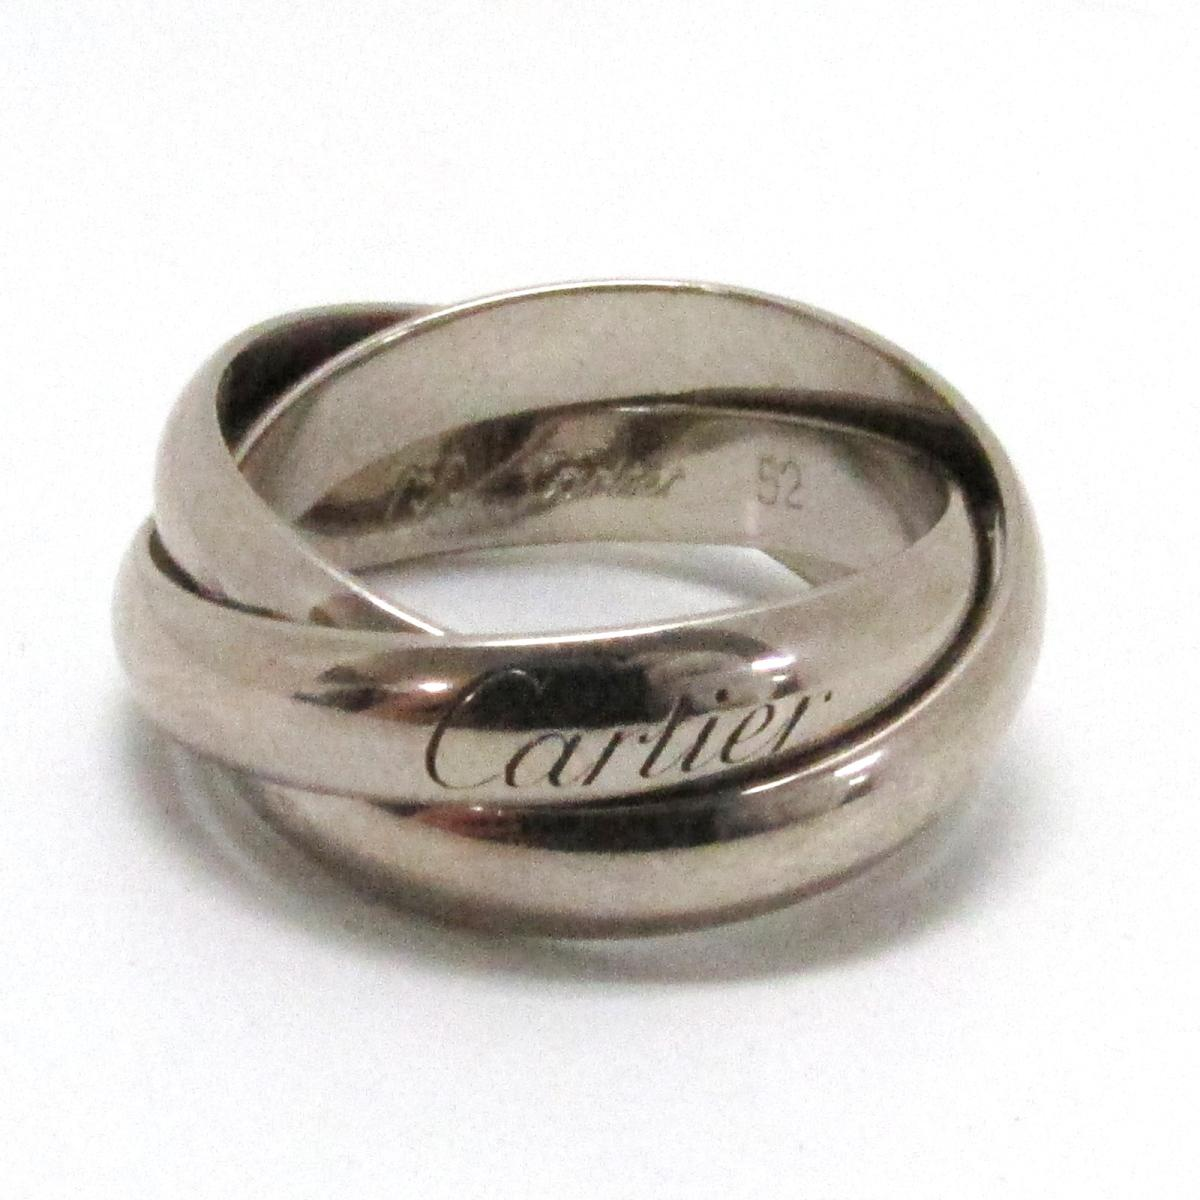 【中古】 カルティエ トリニティリング 指輪 レディース K18WG (750) ホワイトゴールド | Cartier BRANDOFF ブランドオフ ブランド ジュエリー アクセサリー リング